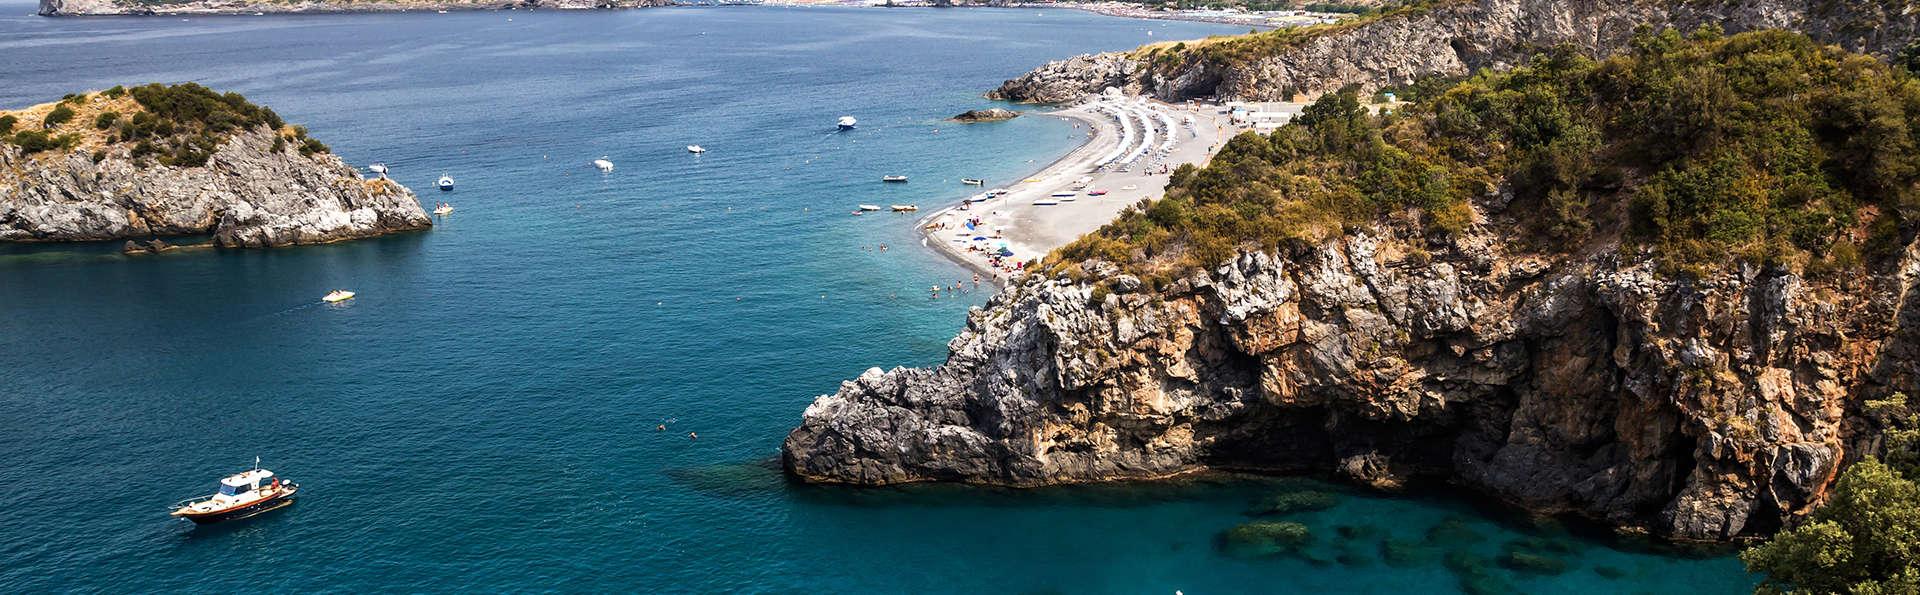 Oferta en el corazón de Cosenza, entre Sila y la costa del Tirreno